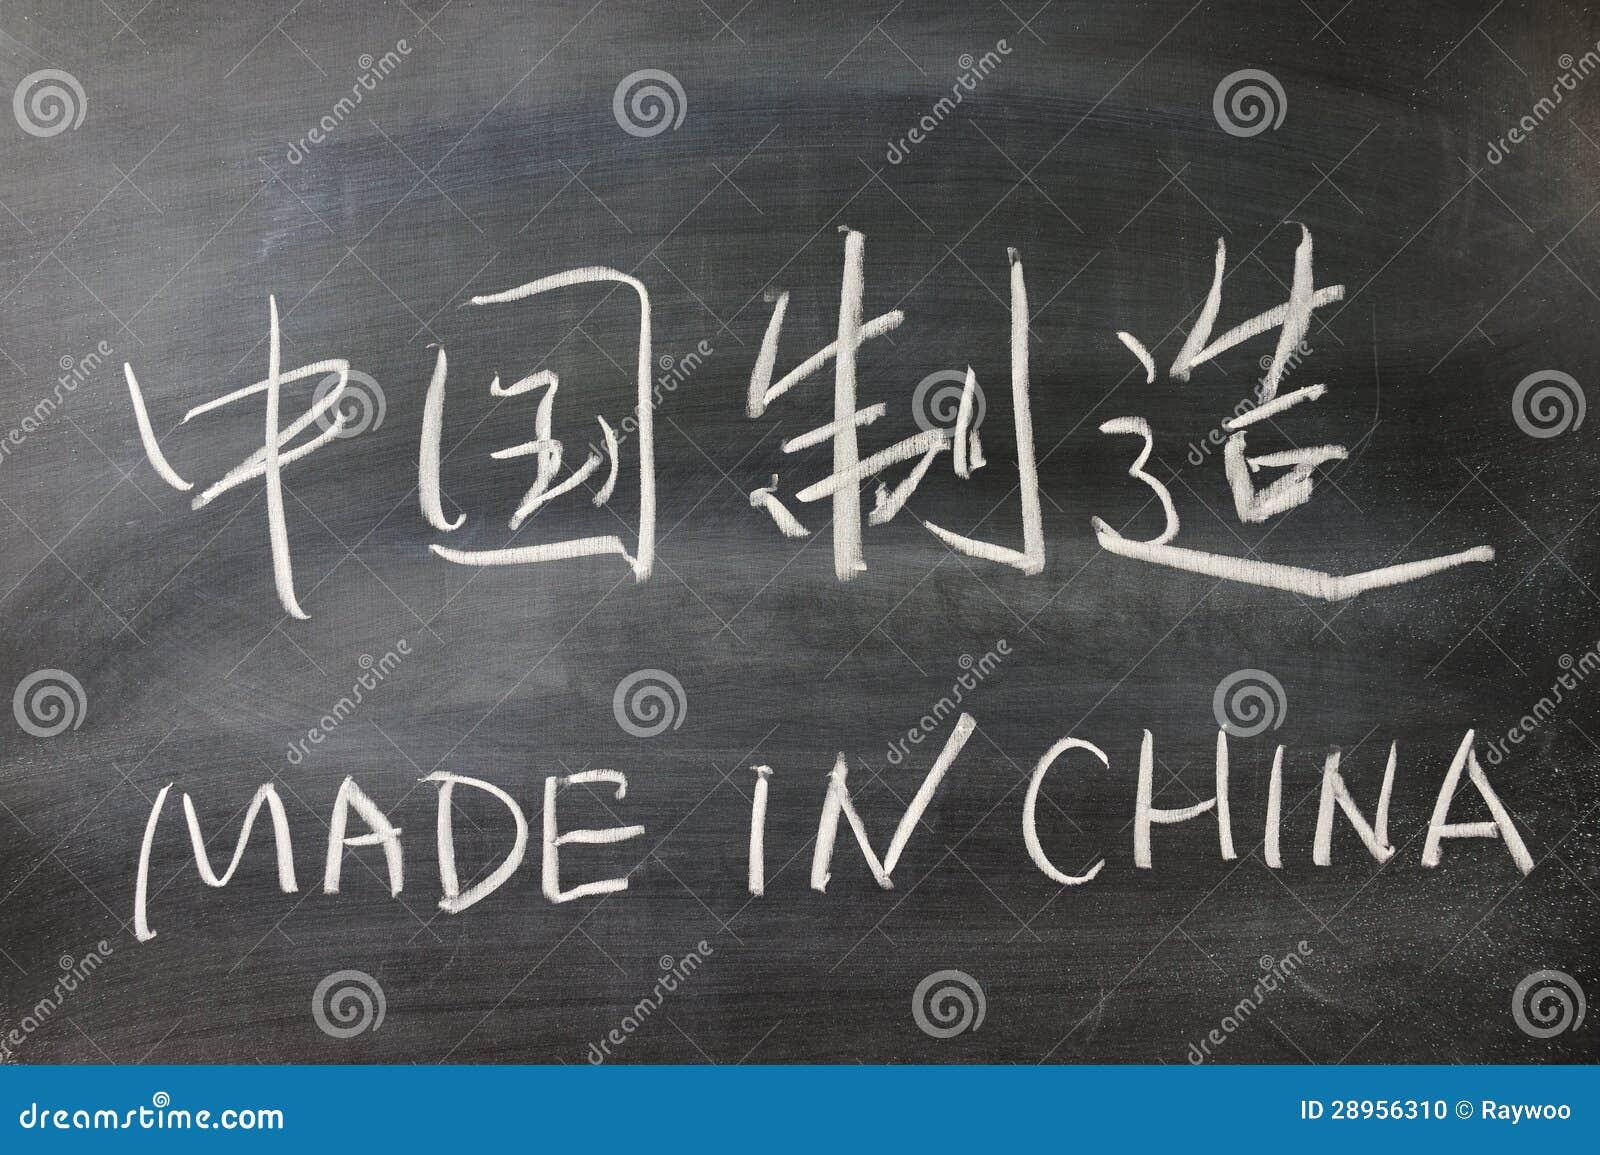 Dwujęzyczny Robić w Porcelanowych słowach